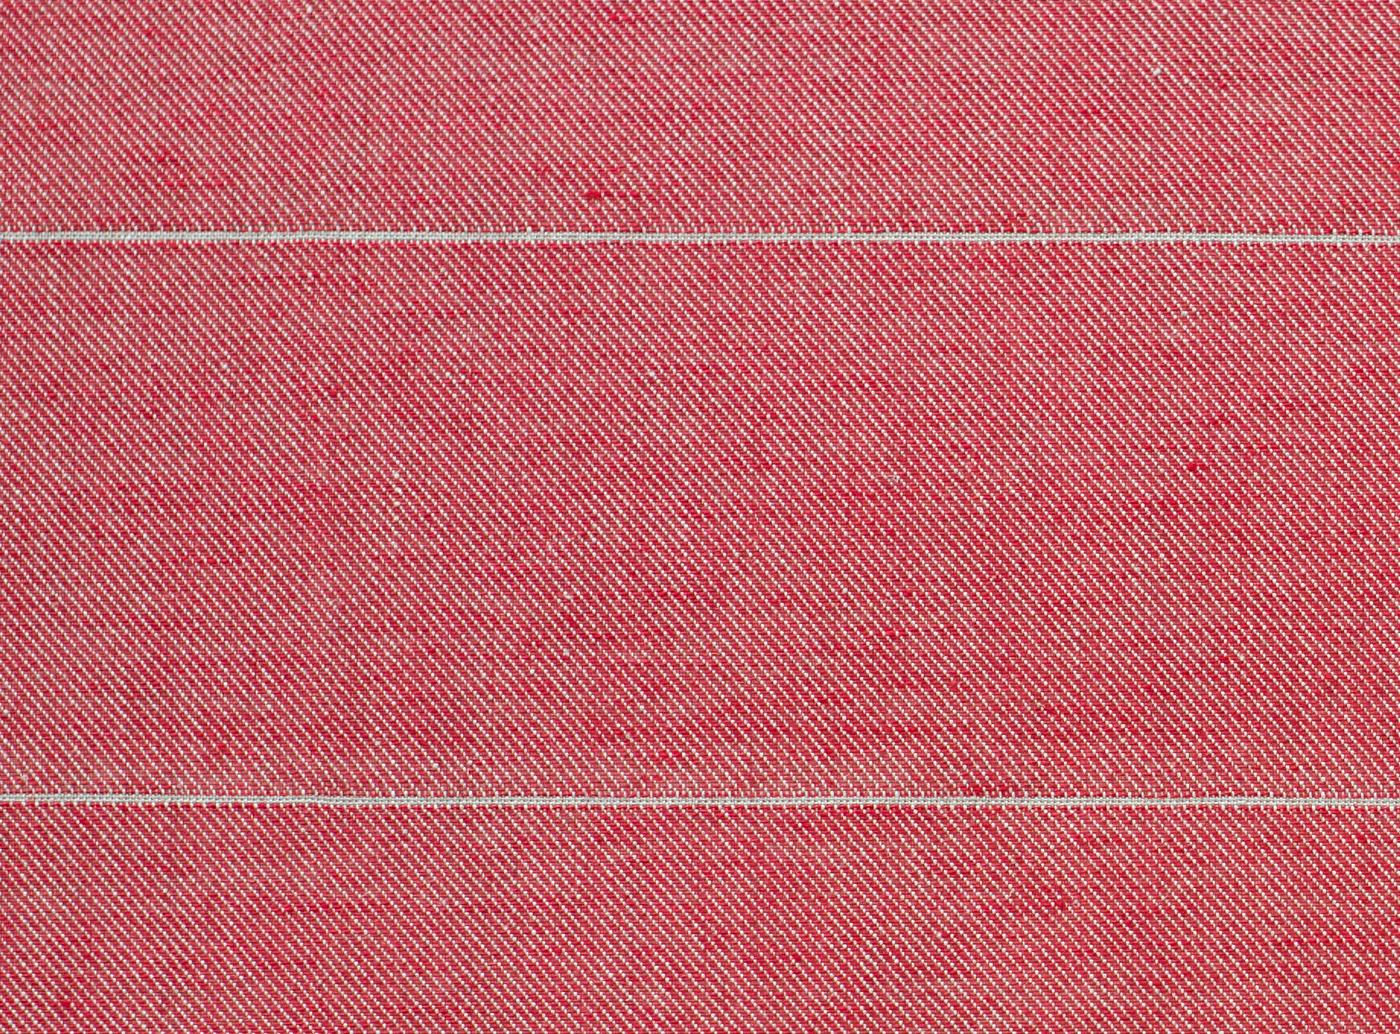 Duk Askerön Röd